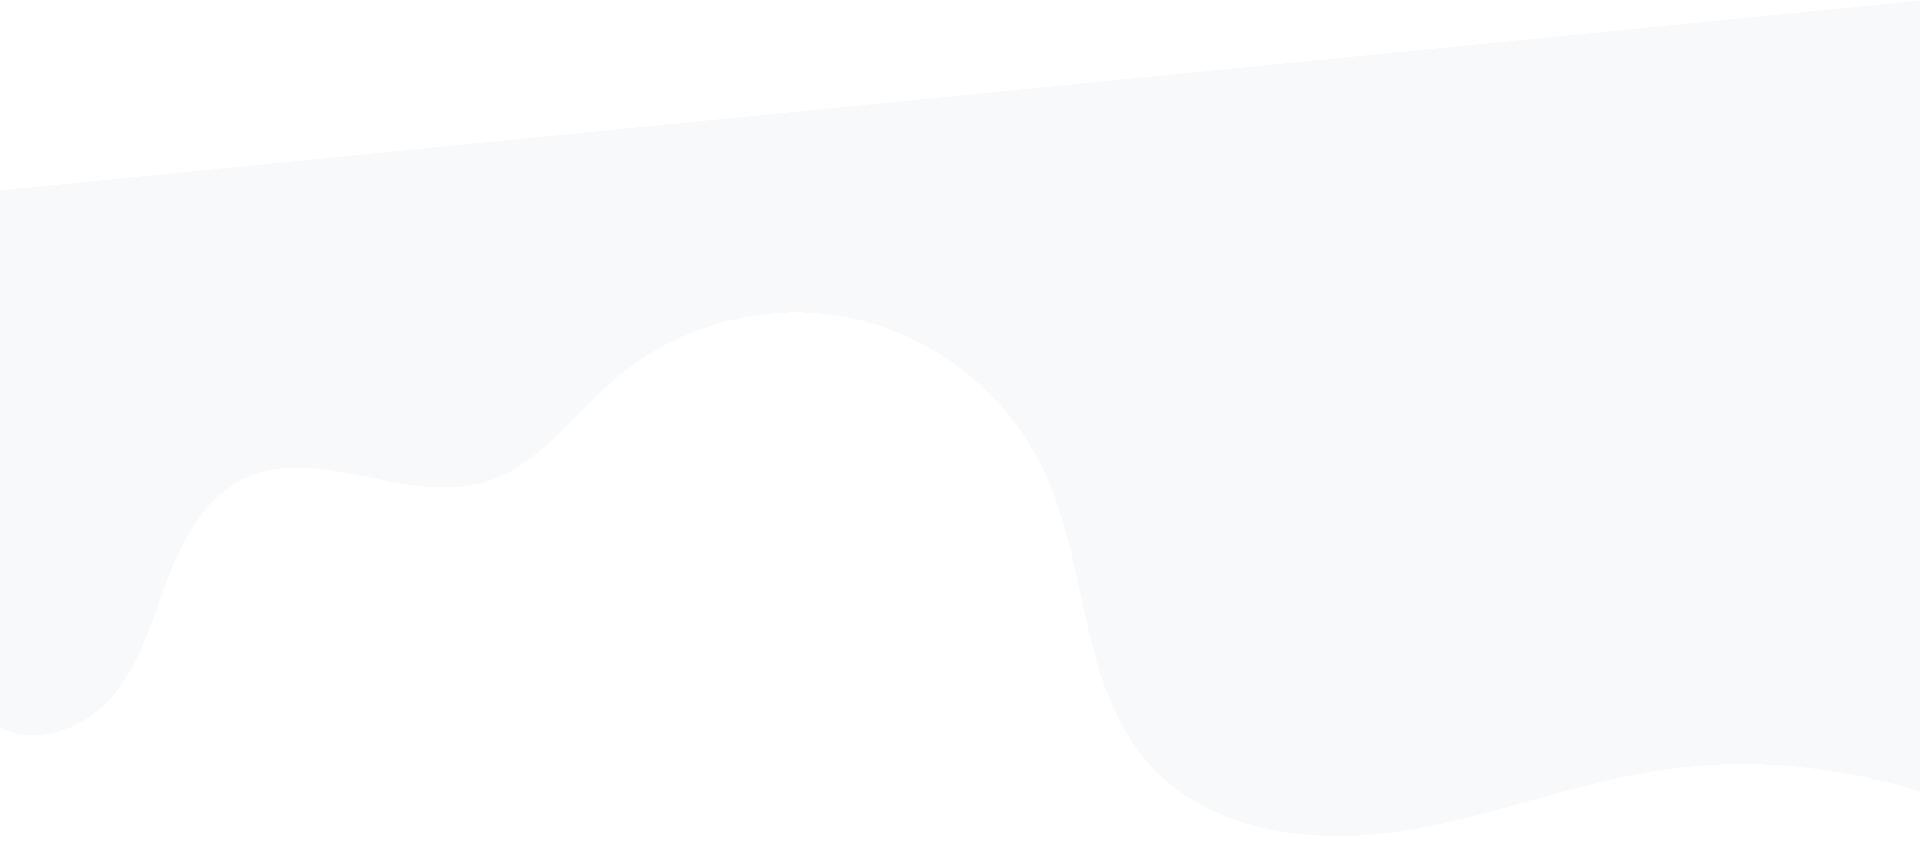 tilt-bg-map